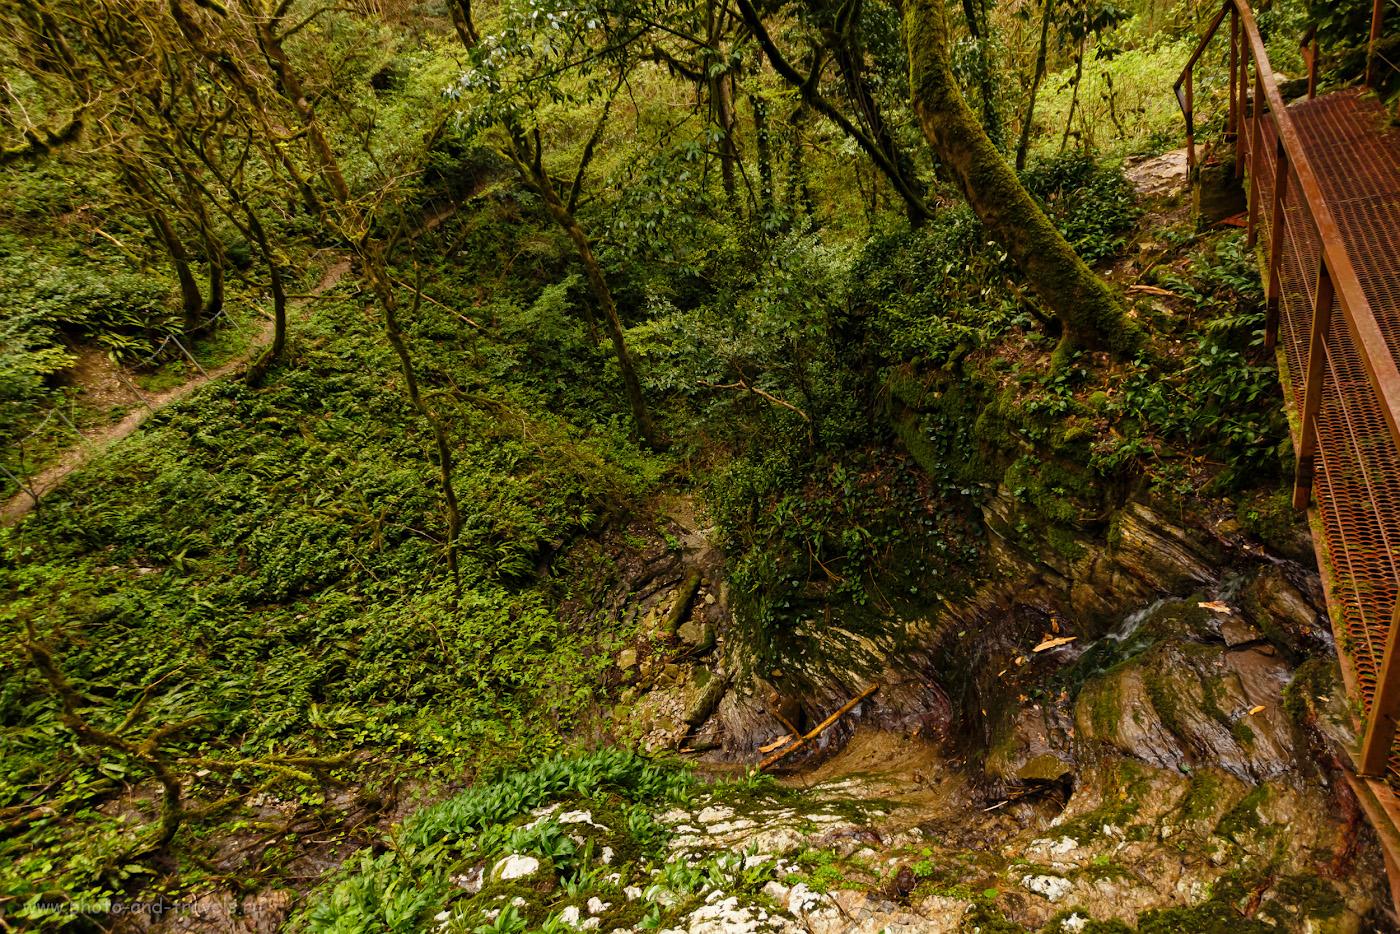 Снимок 34. Виды на маршруте «Большое кольцо» в Тисо-самшитовой роще. Рассказы туристов о поездке в Сочи весной. 1/20, f/4, ISO 400, 10.